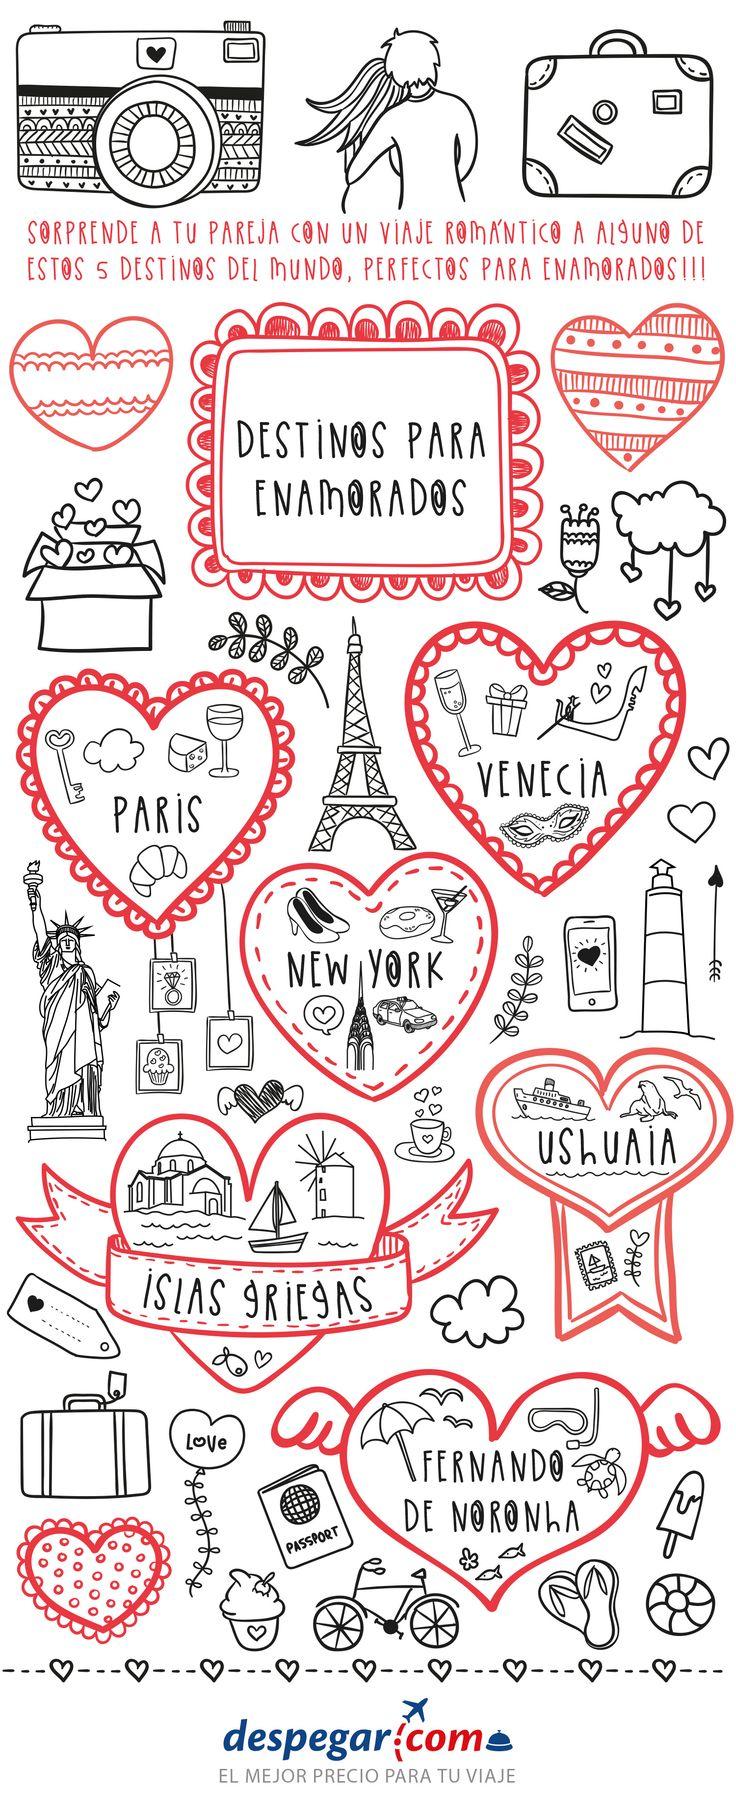 #Infografías #Destinos para #enamorados. #Viajes en #PAREJA con #Despegar Infographic